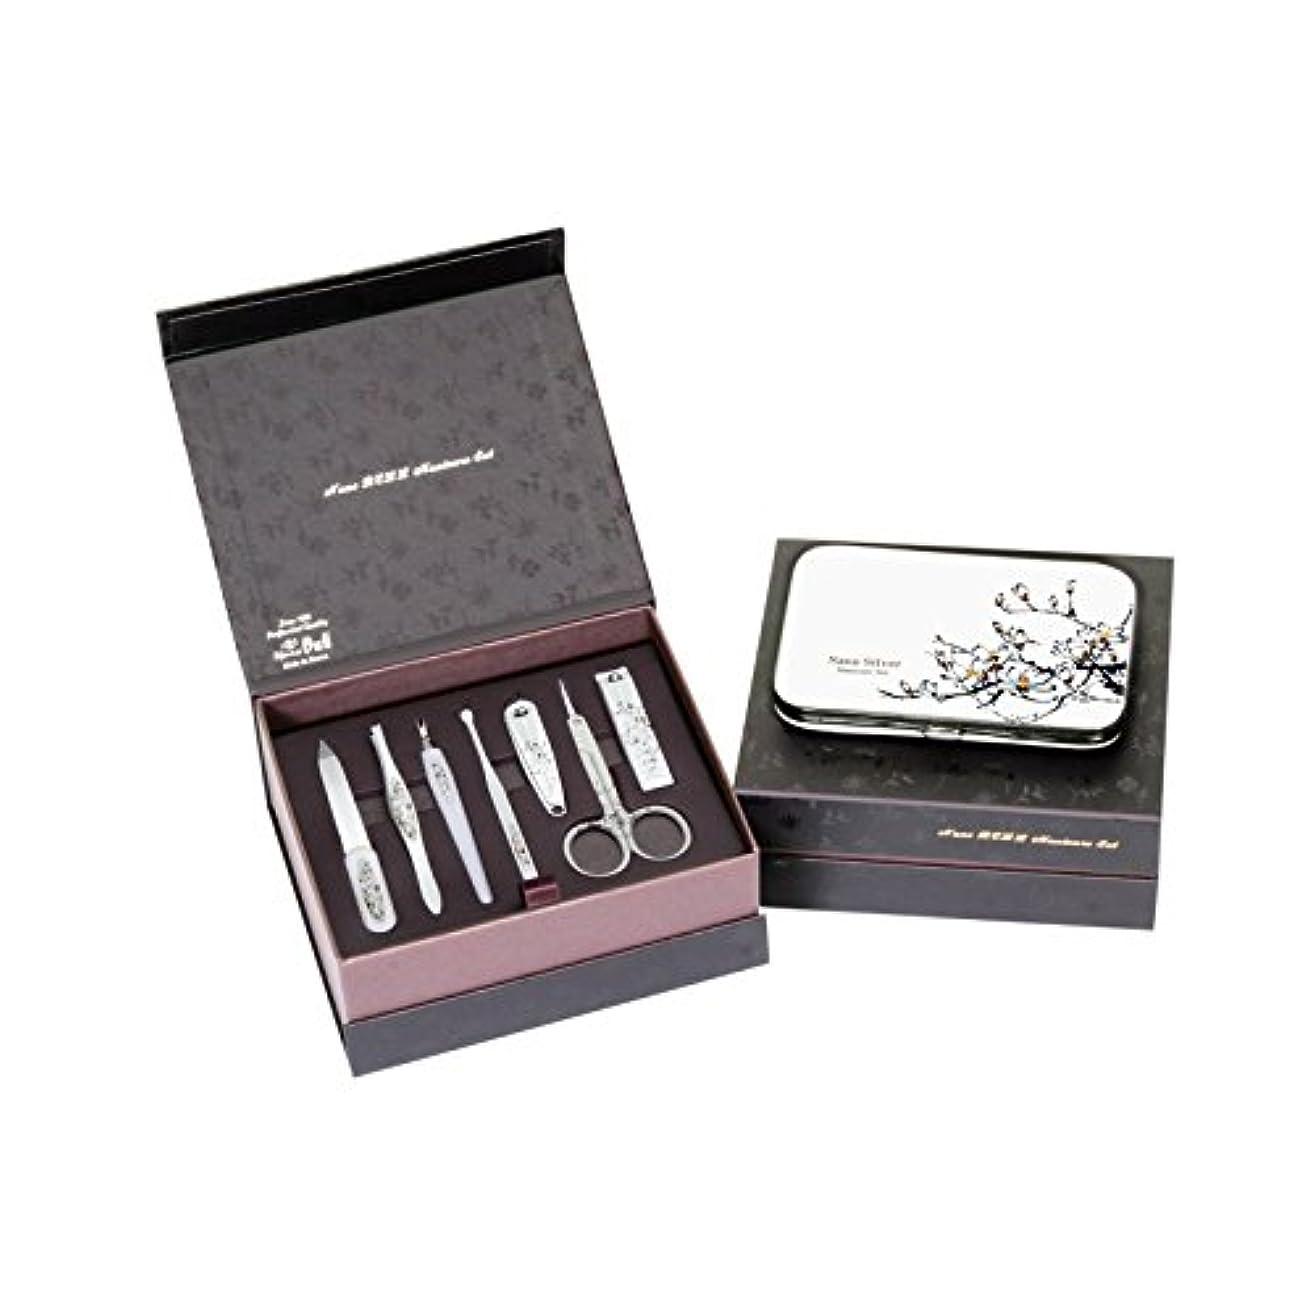 病気何故なのフェローシップMETAL BELL Manicure Sets BN-8177A ポータブル爪の管理セット爪切りセット 高品質のネイルケアセット高級感のある東洋画のデザイン Portable Nail Clippers Nail Care...